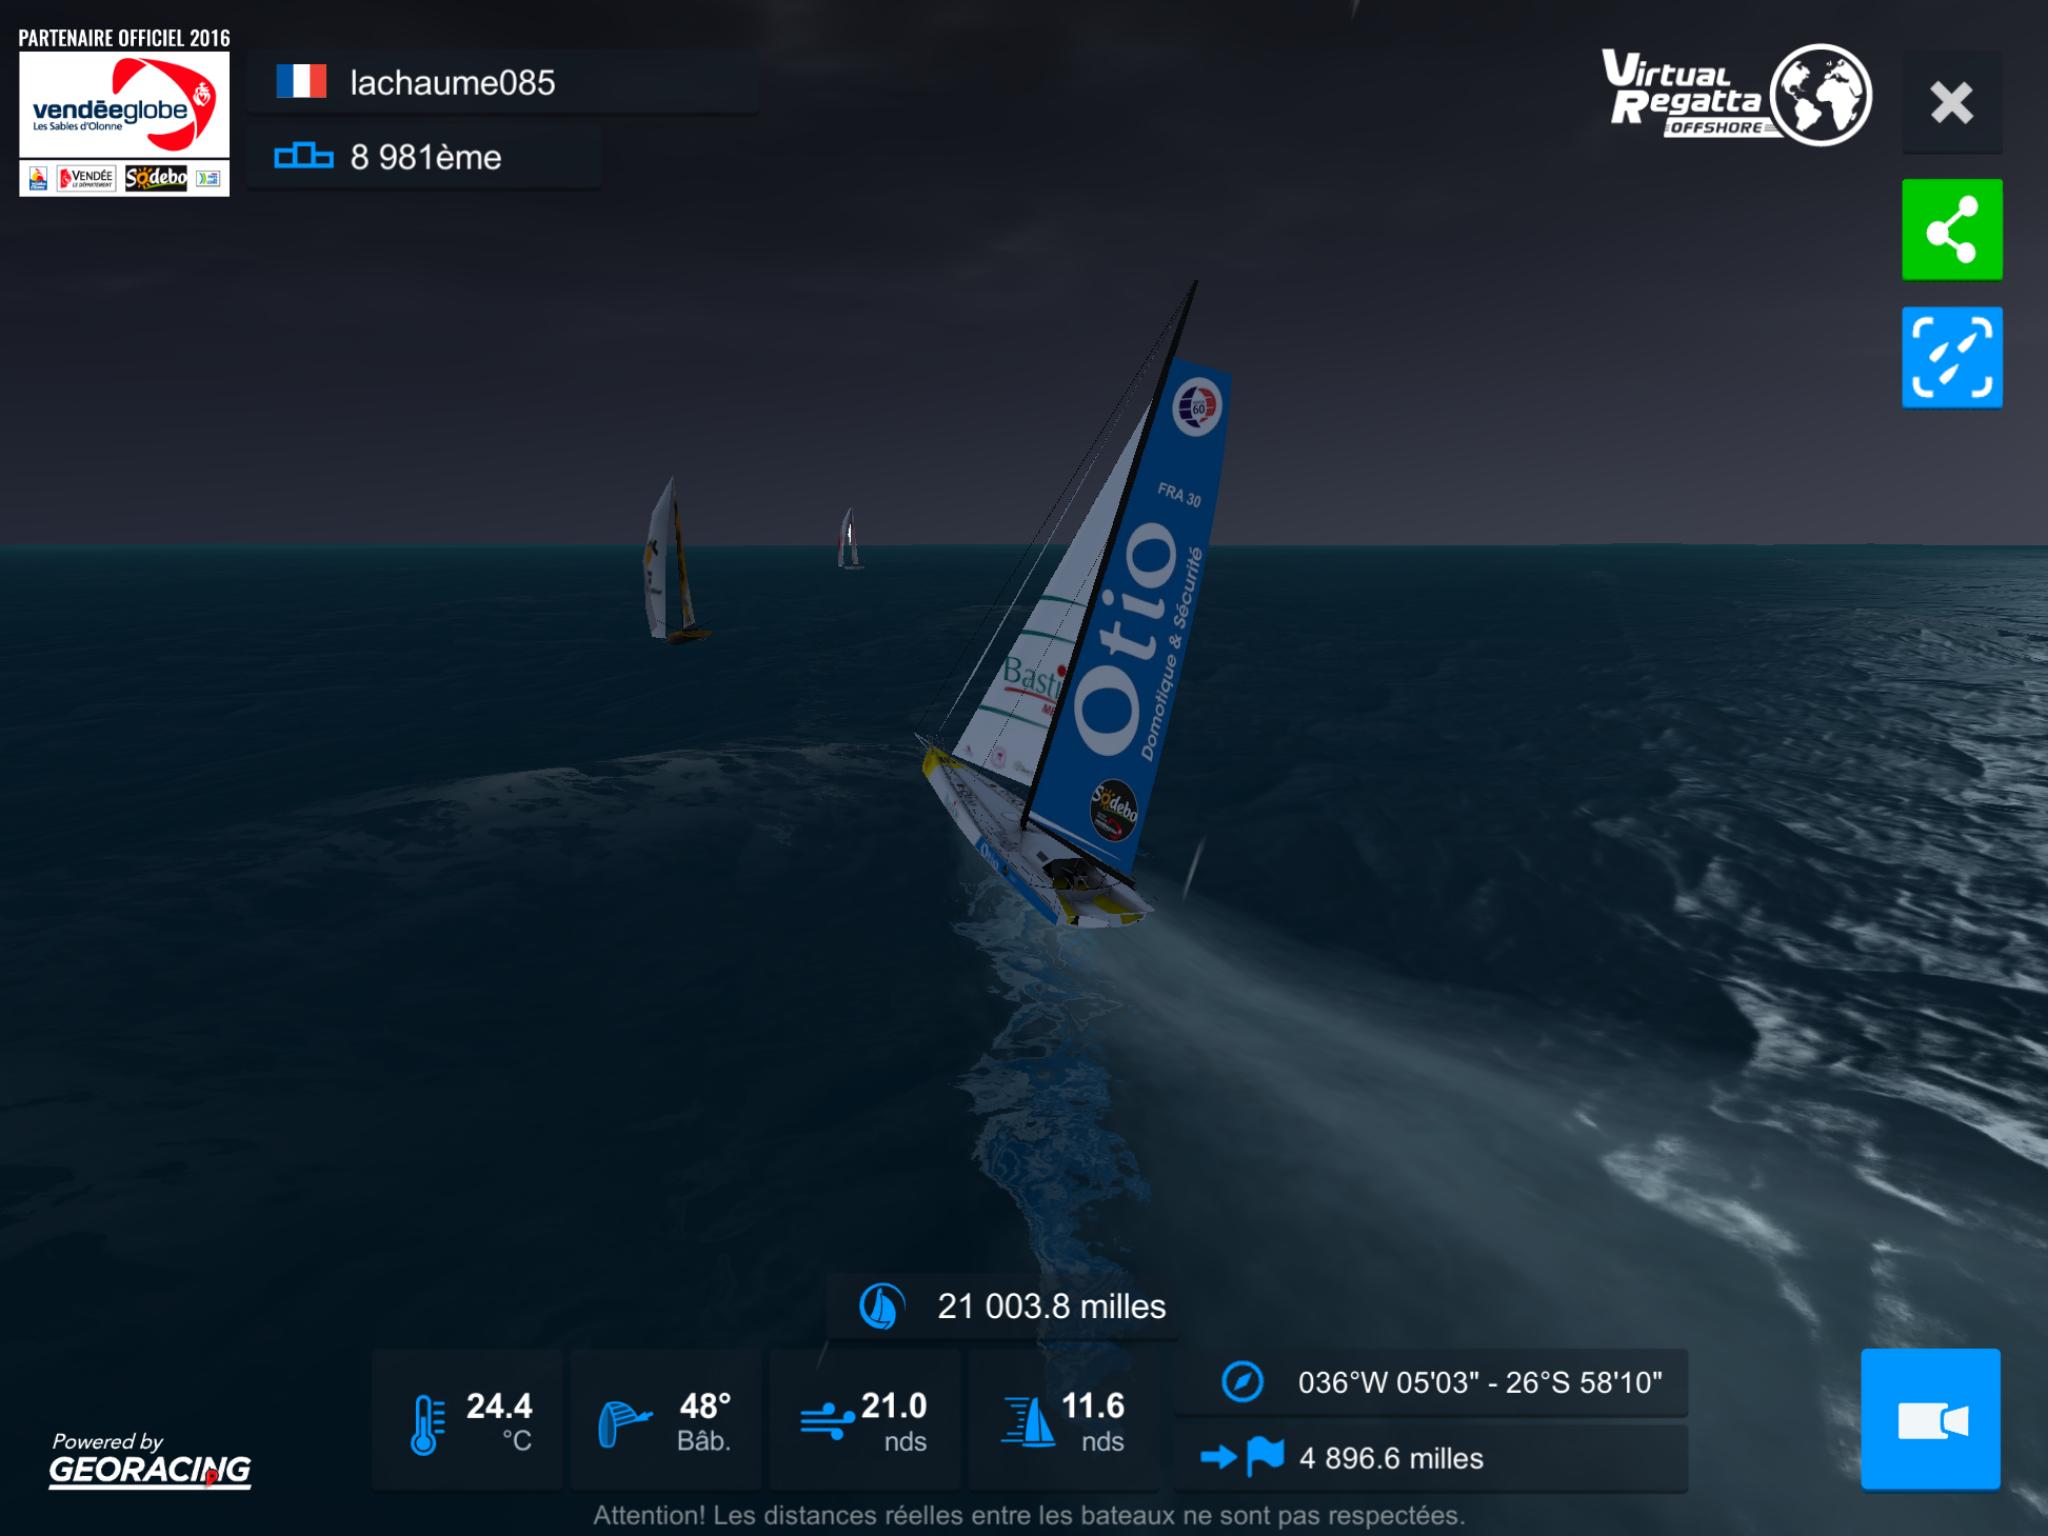 [Vendée Globe Virtuel 2016] La course sur VR 1483345498094048500